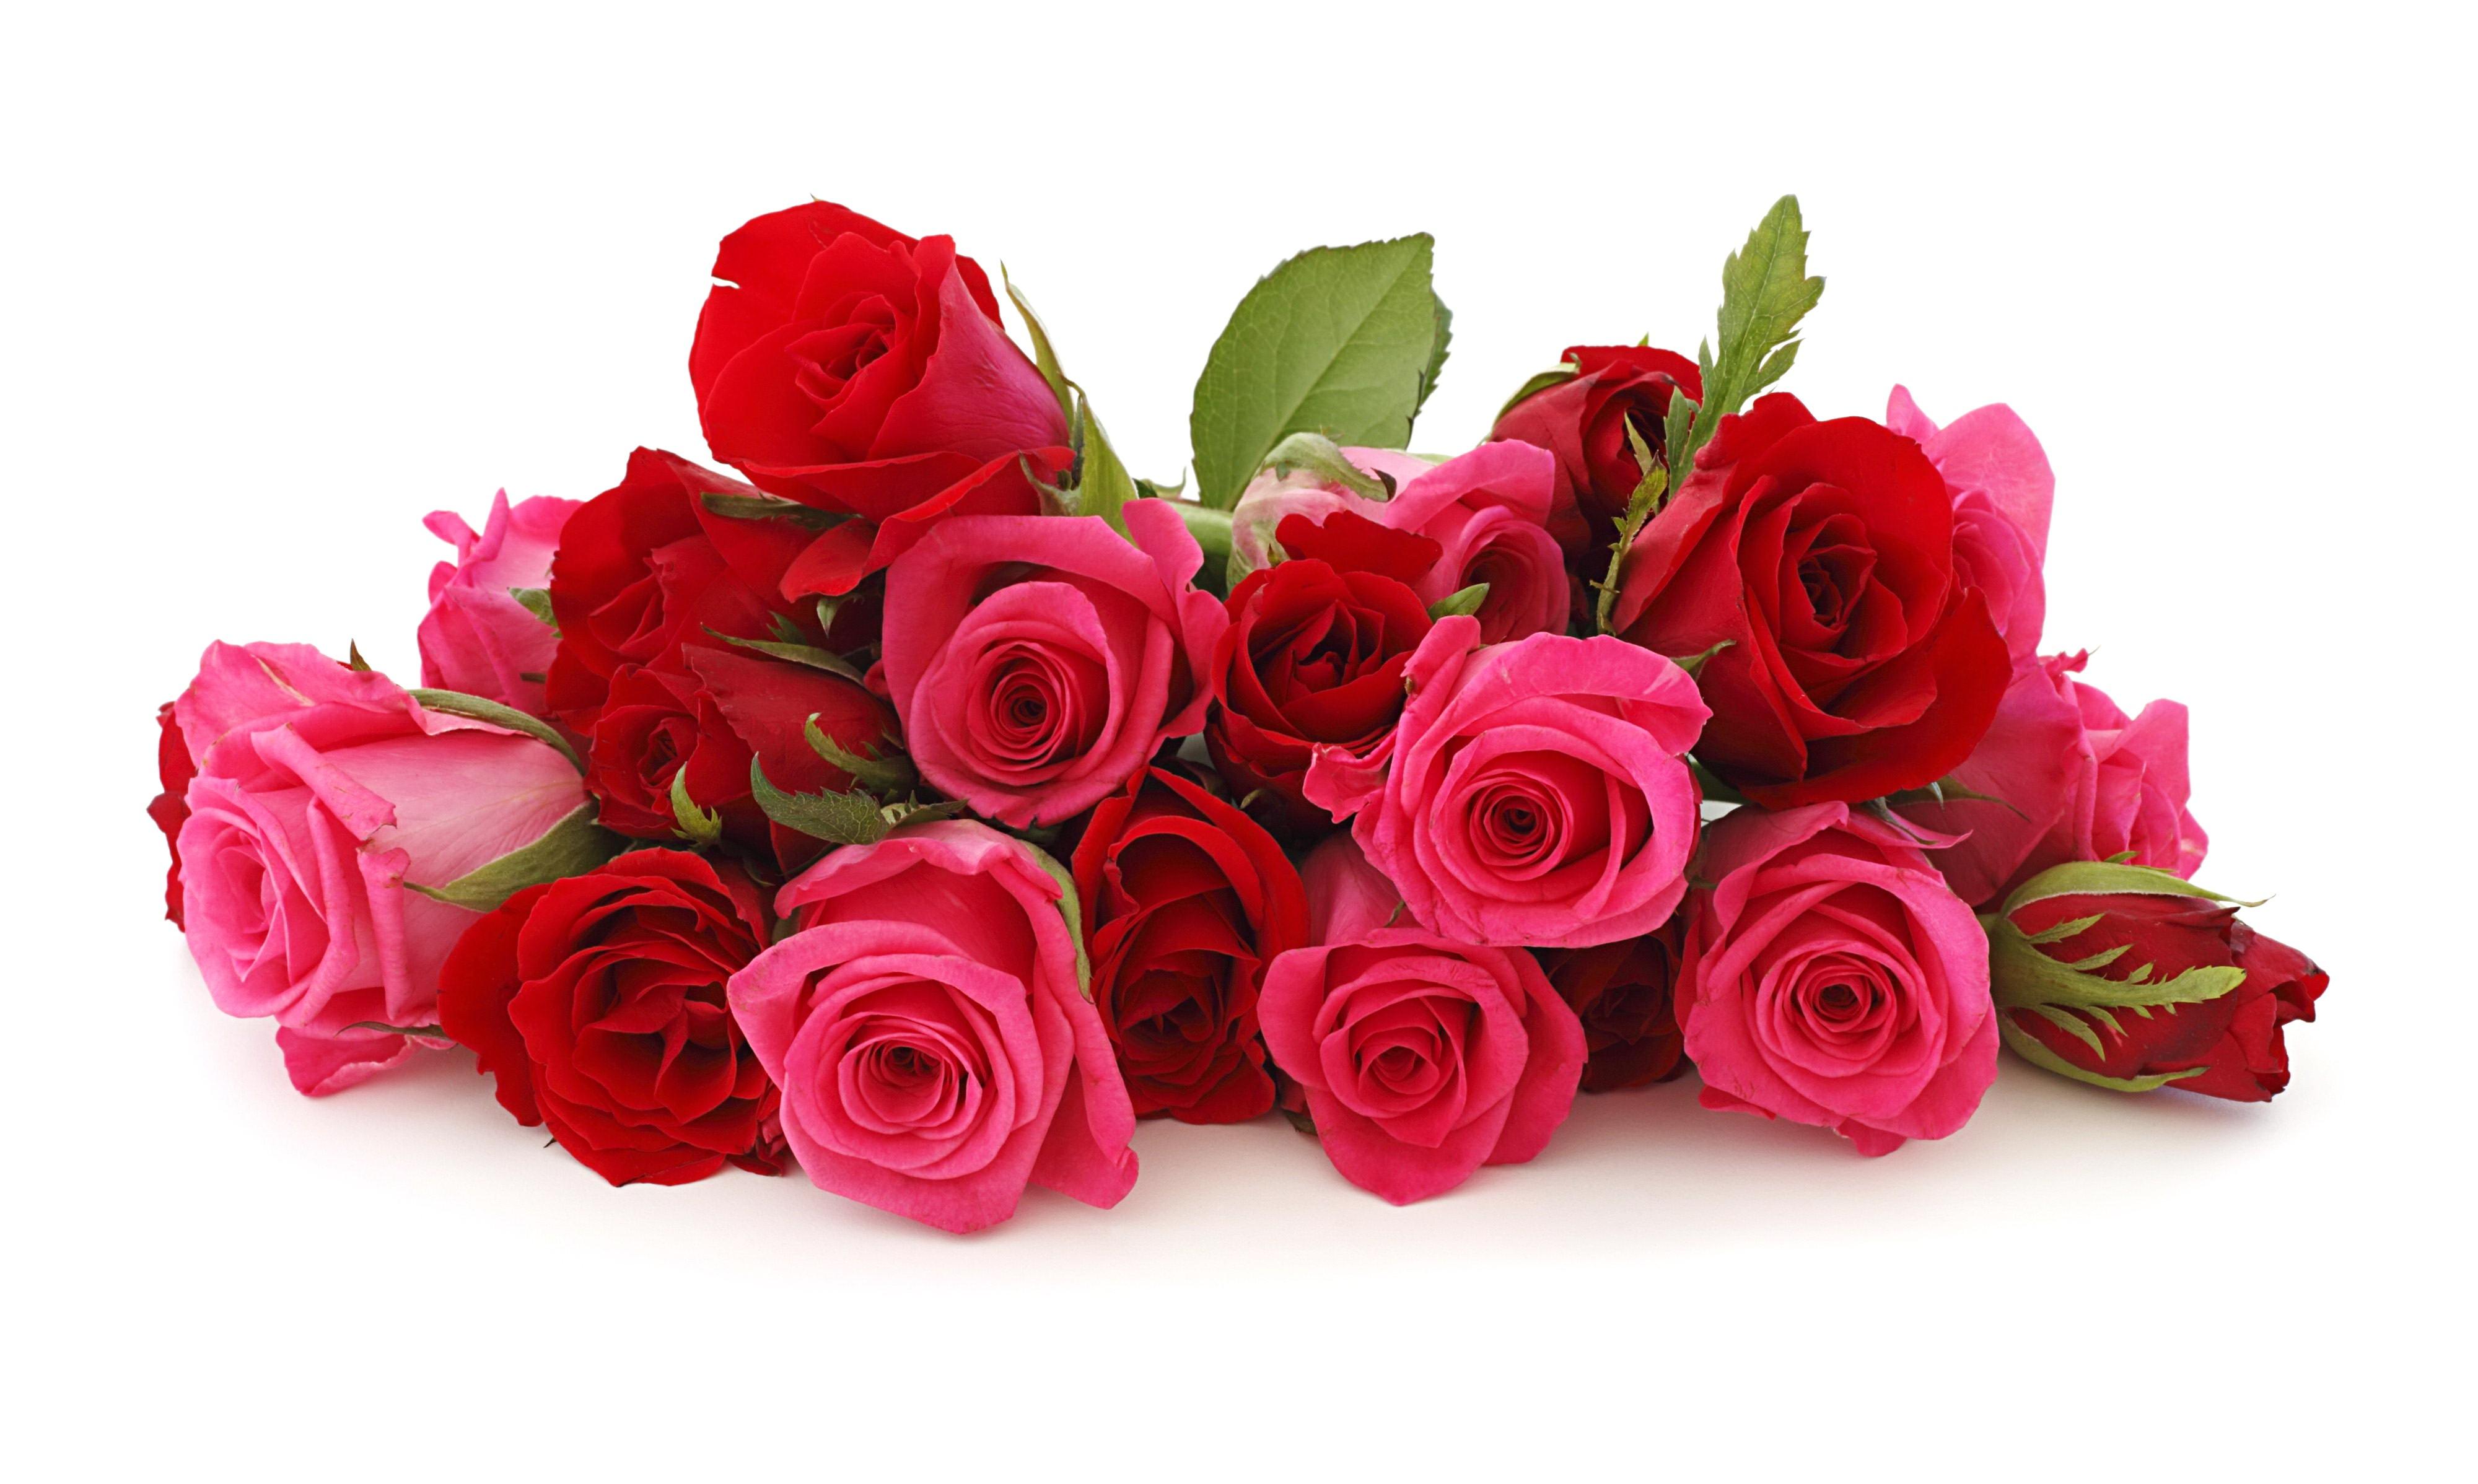 จำนวนดอกกุหลาบ แห่งรัก..